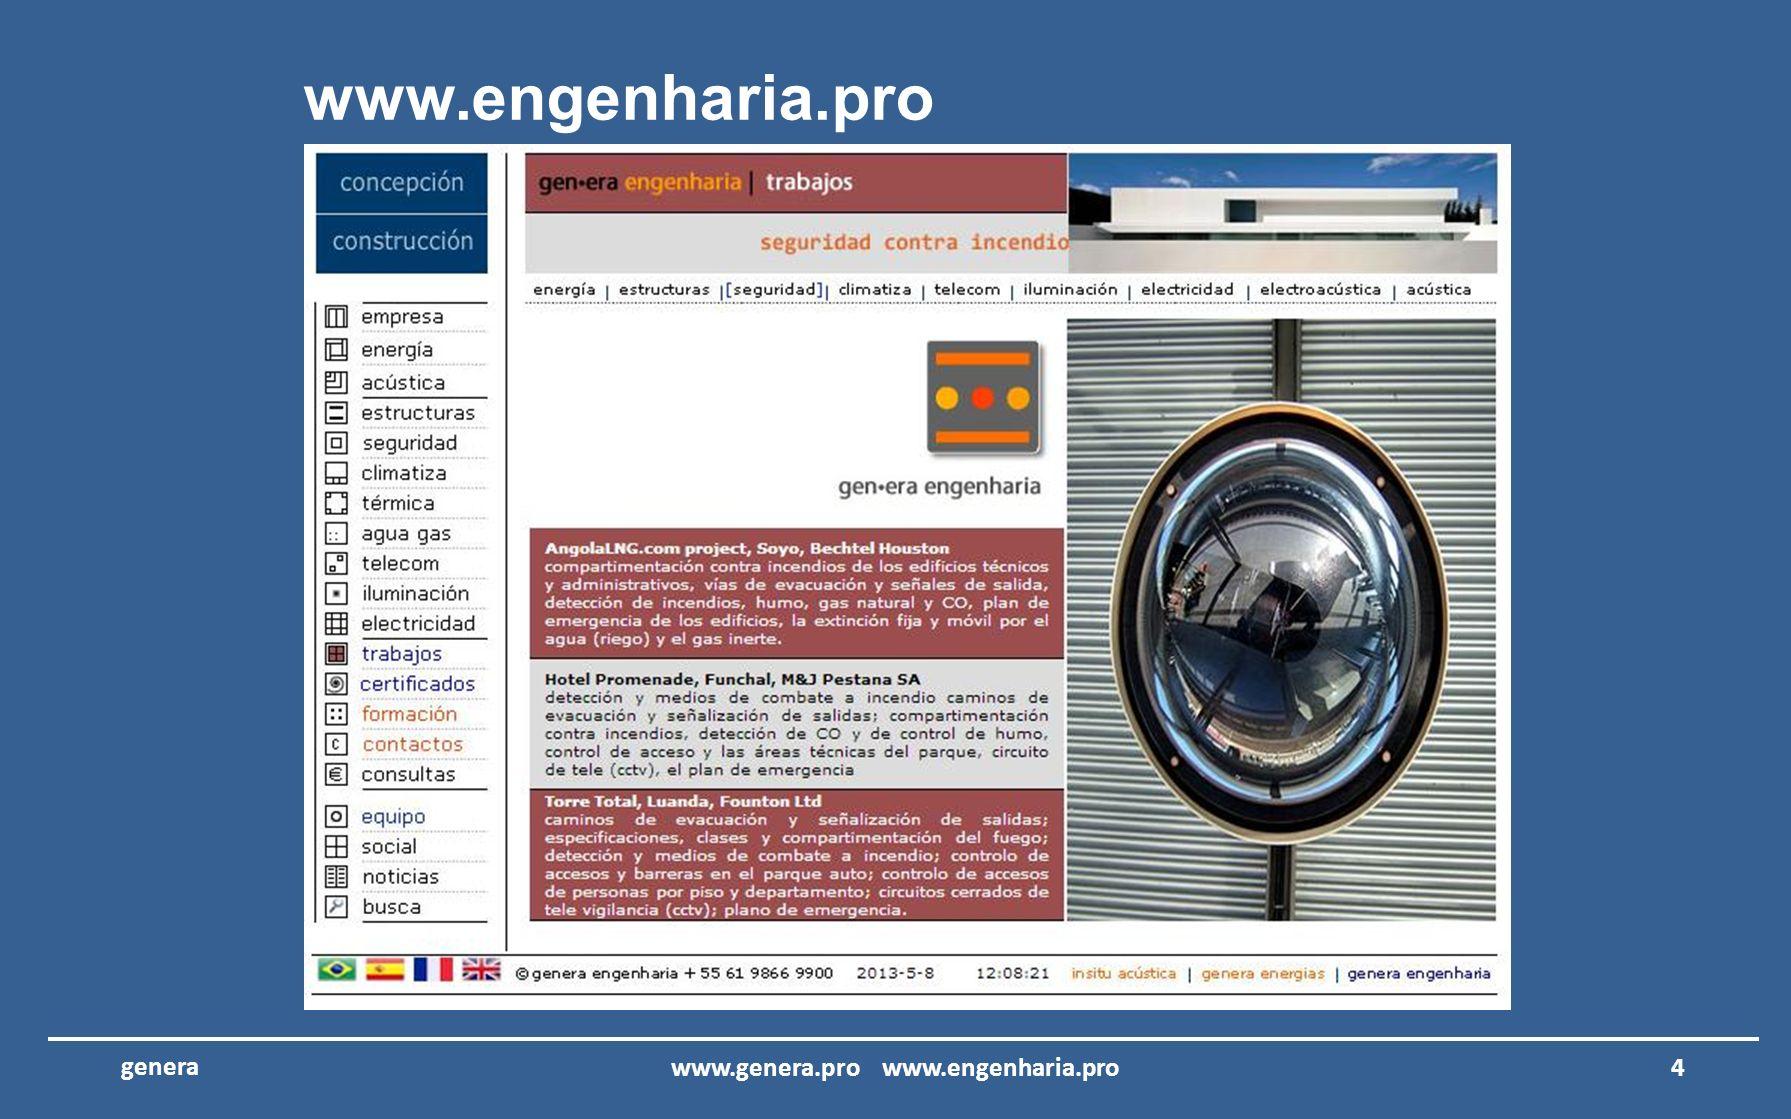 3 www.genera.pro www.genera.pro www.engenharia.pro